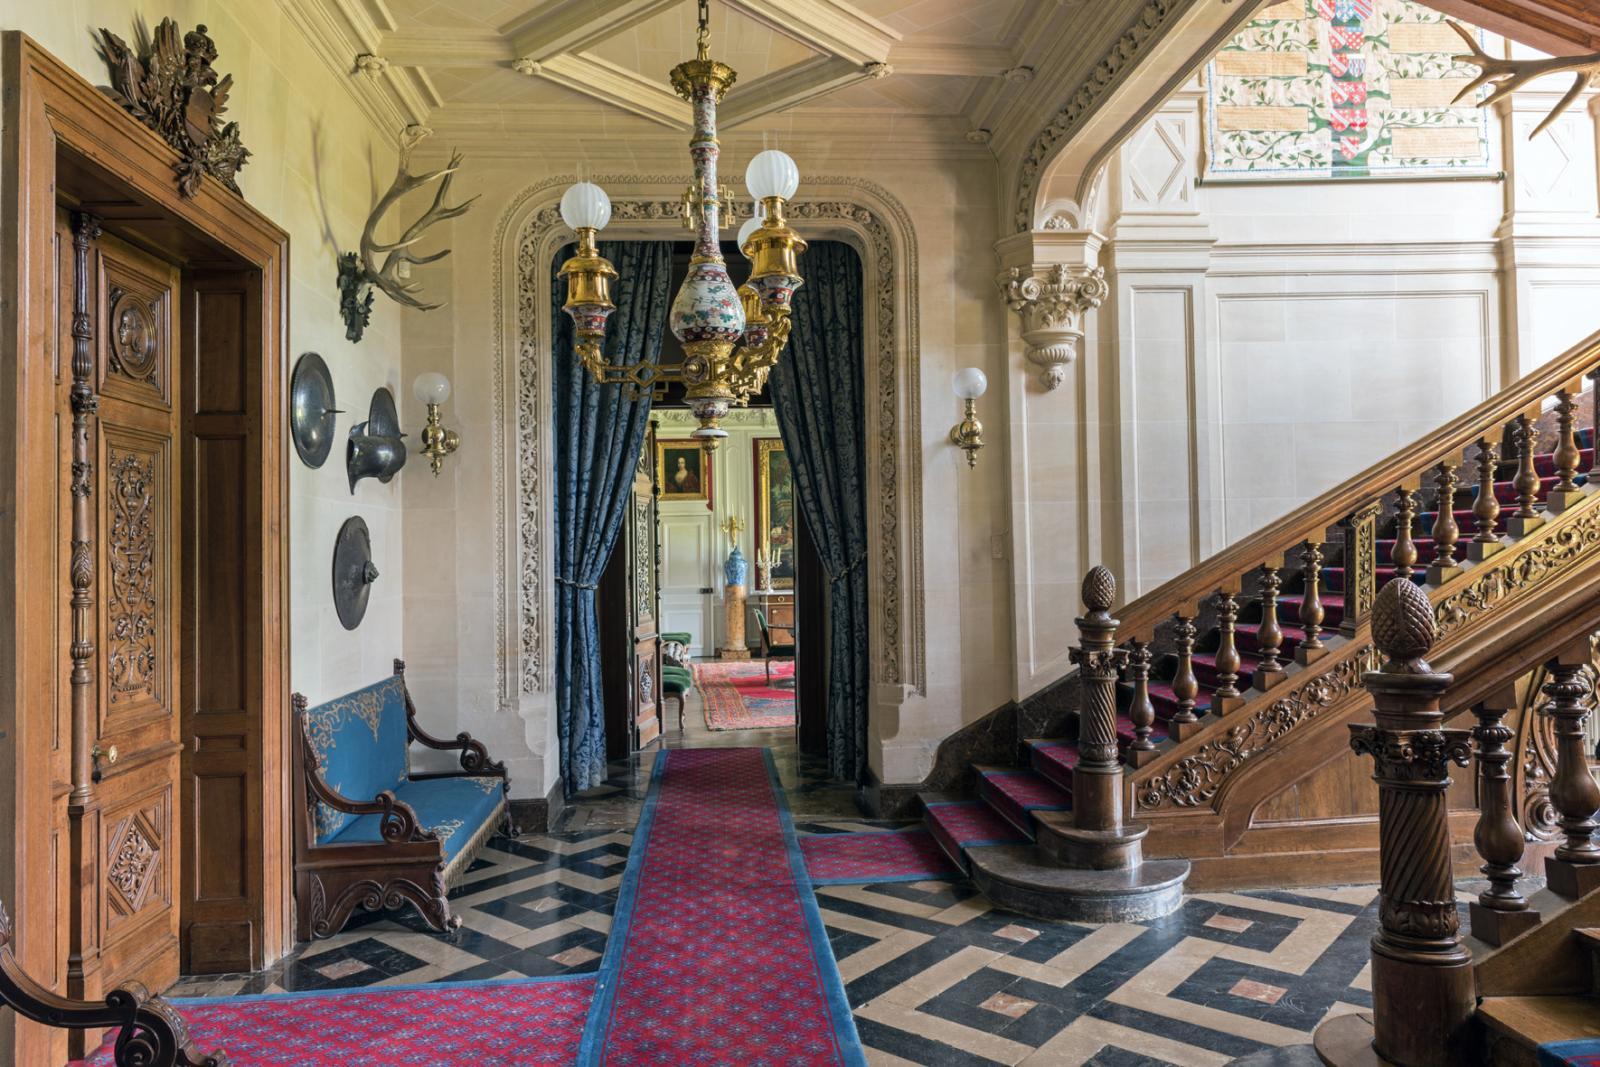 Vue de l'entrée duchâteauavec, sur la droite, le grand escalier décoré dans un style Renaissance par les sculpteursDuthoit en 1849. ©Xavier Defaix